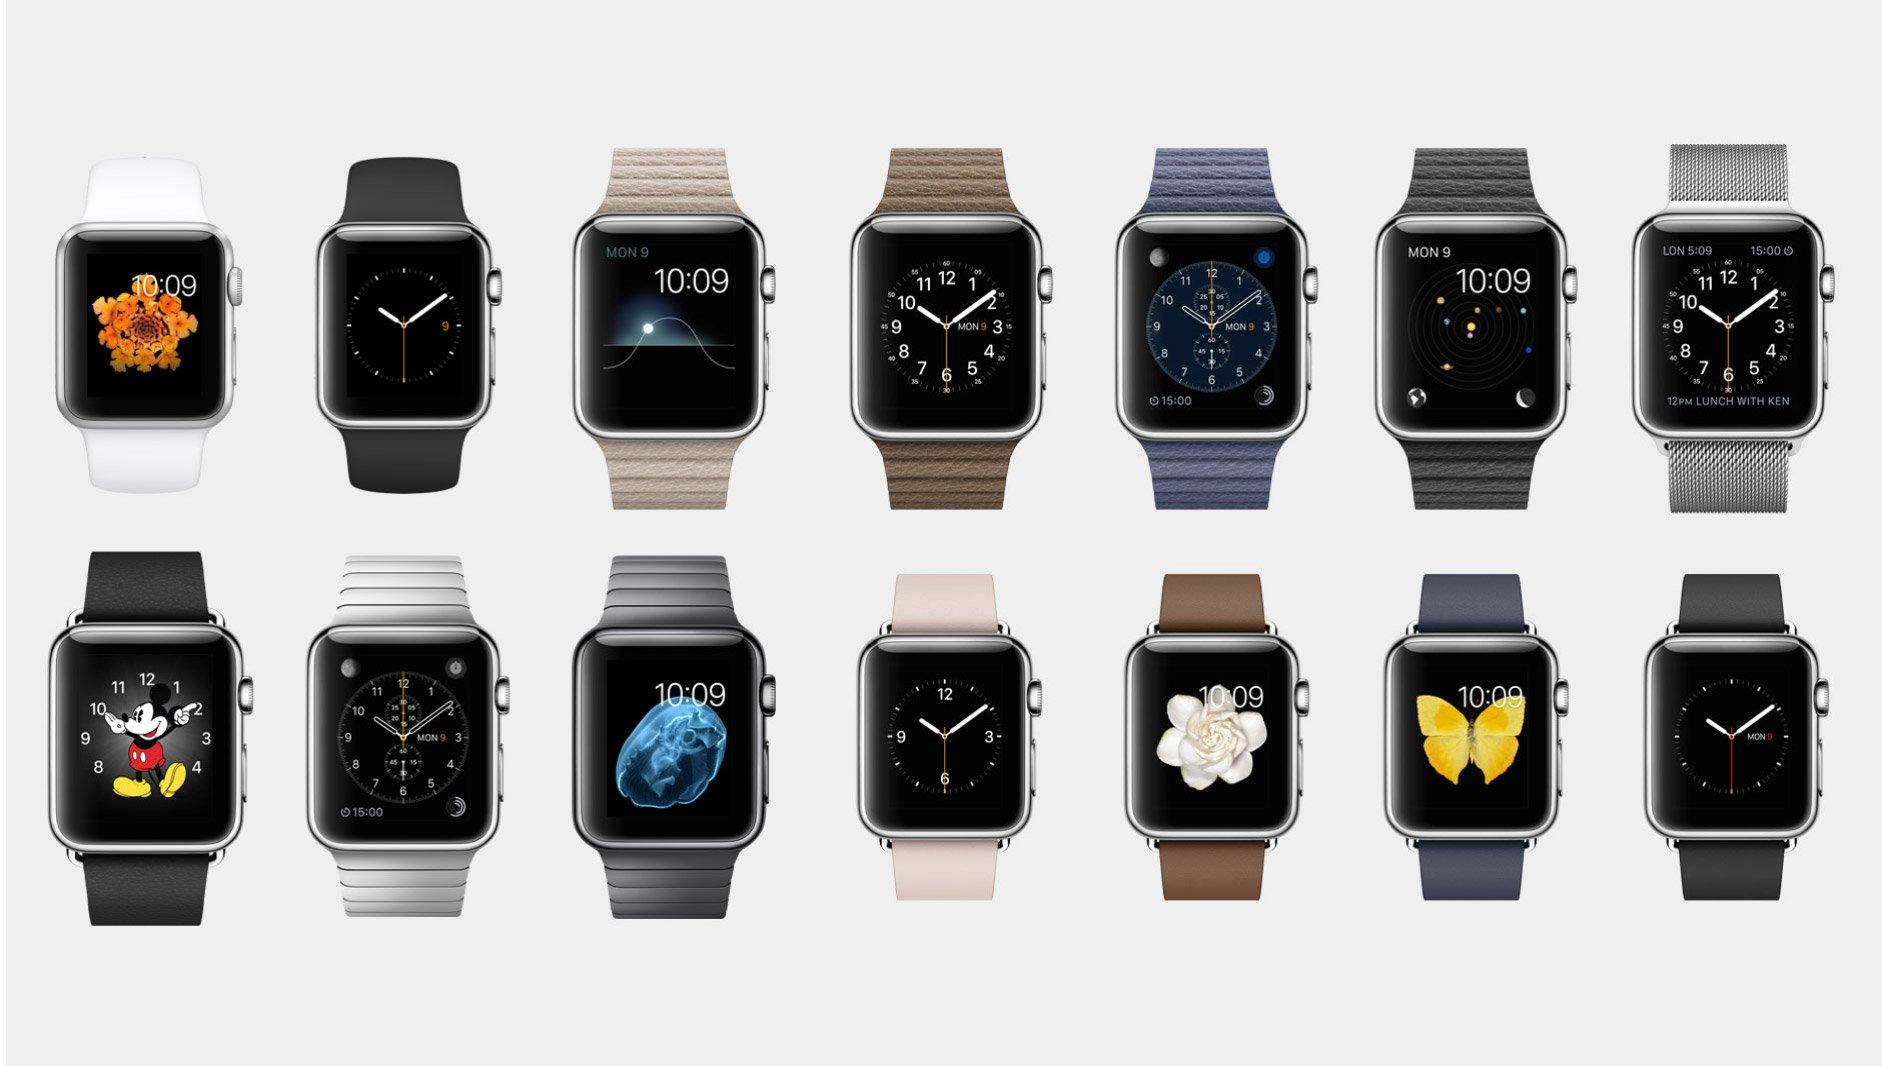 Apple watch release date in Sydney